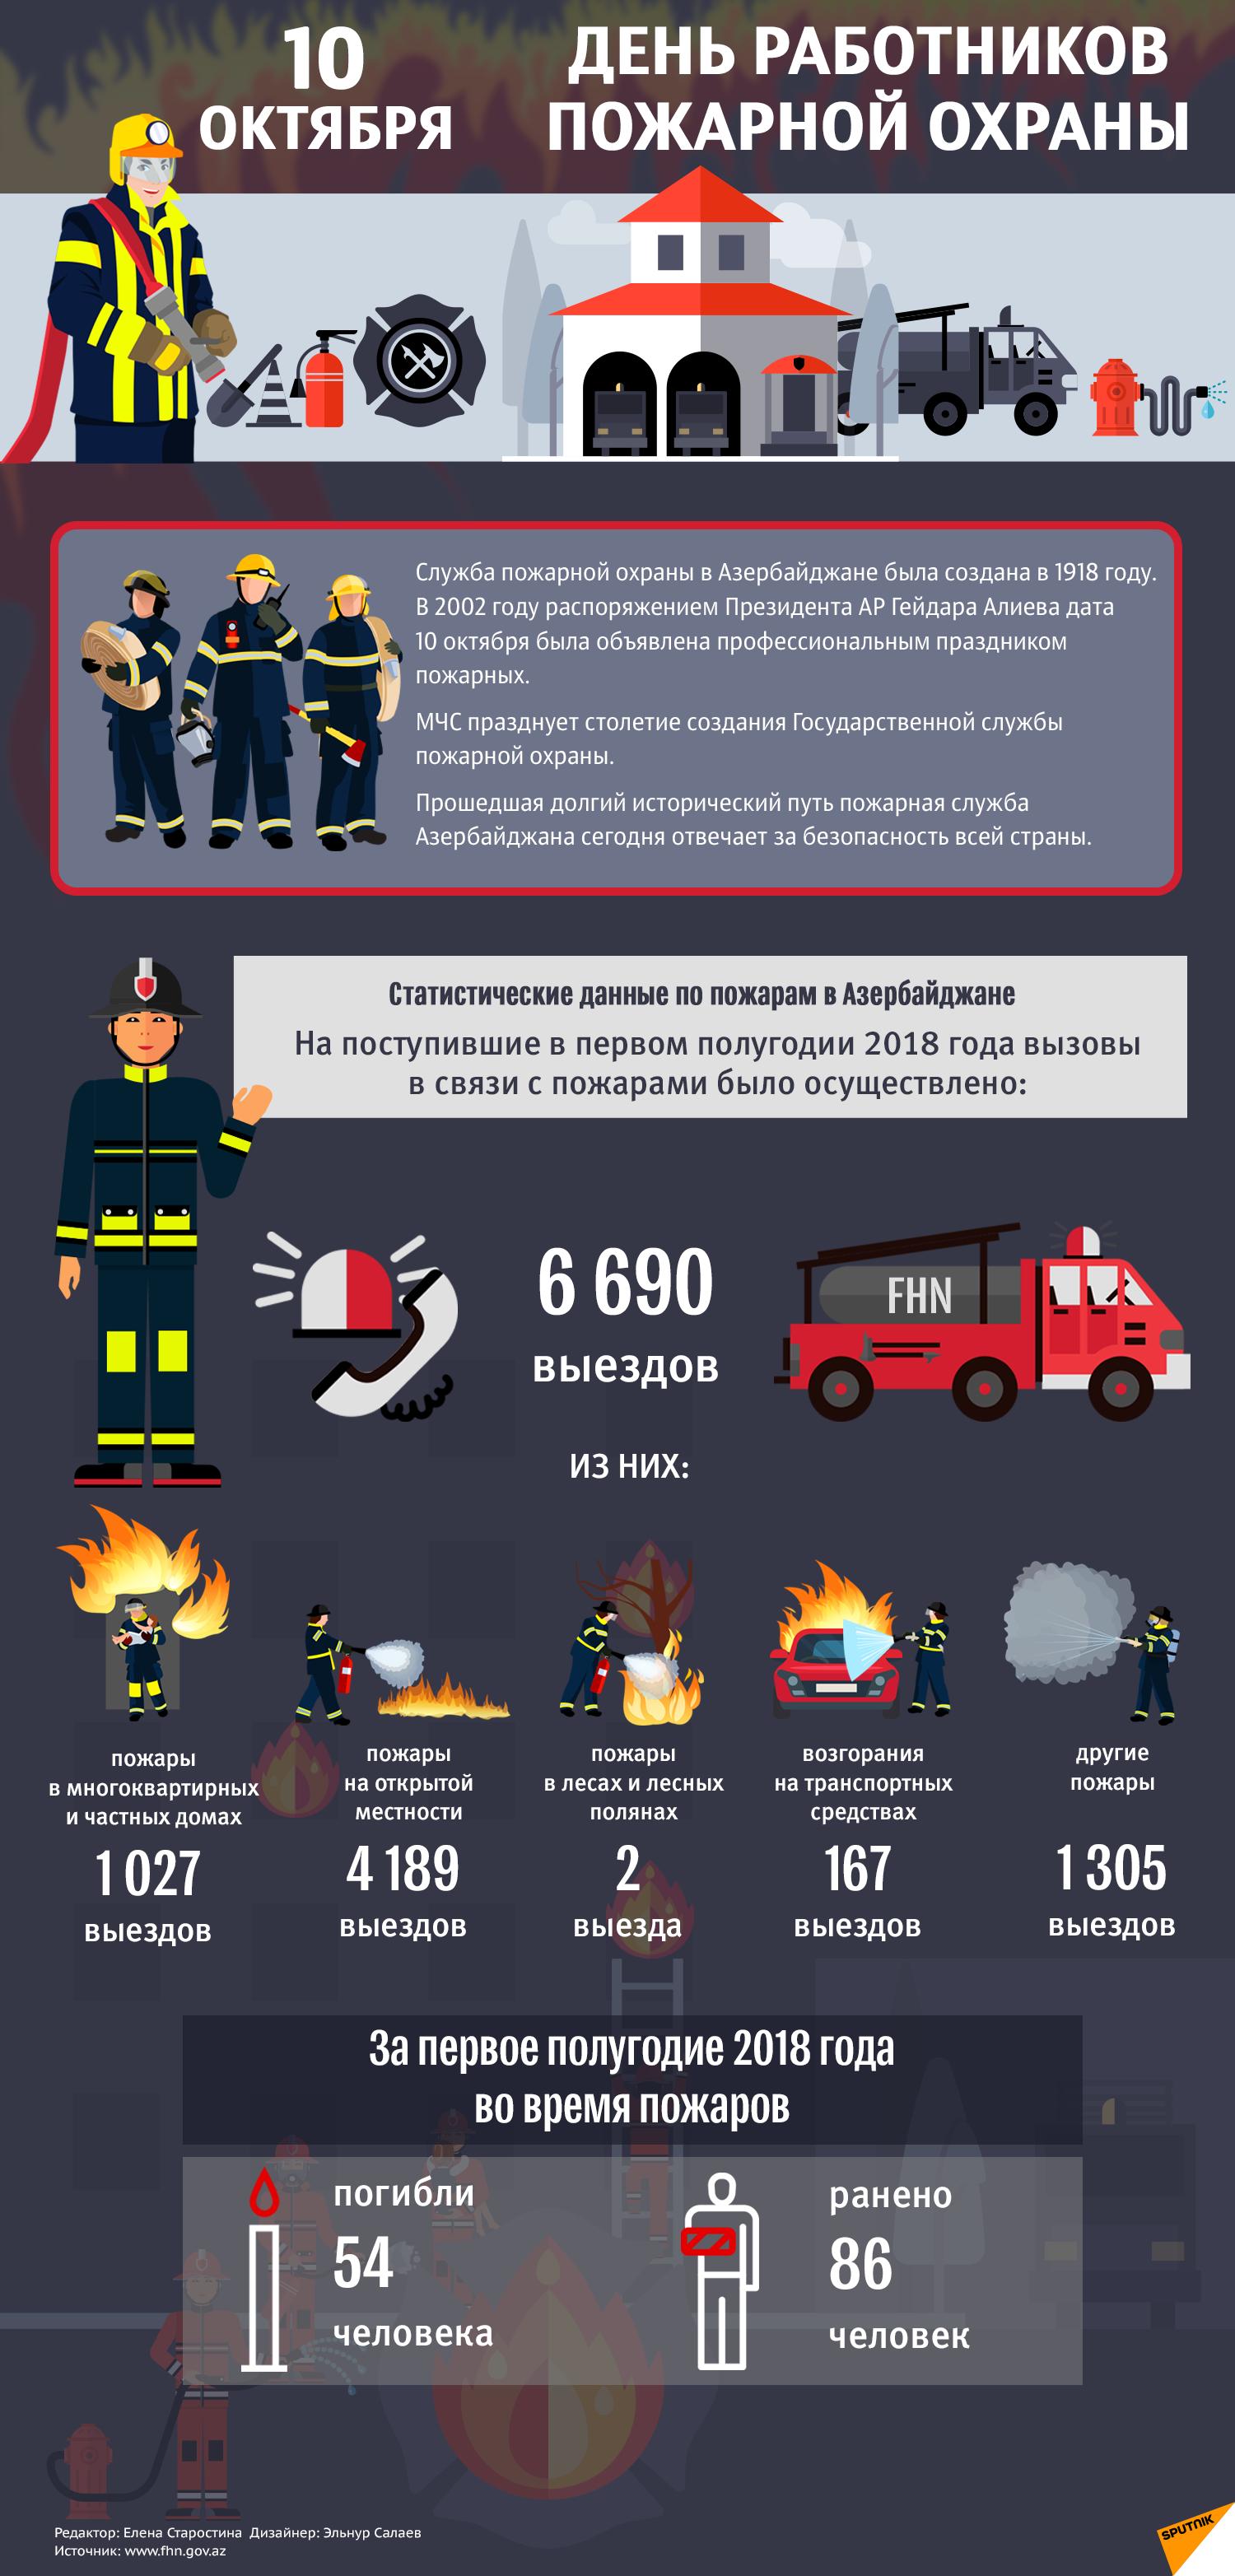 10 октября — День работников пожарной охраны